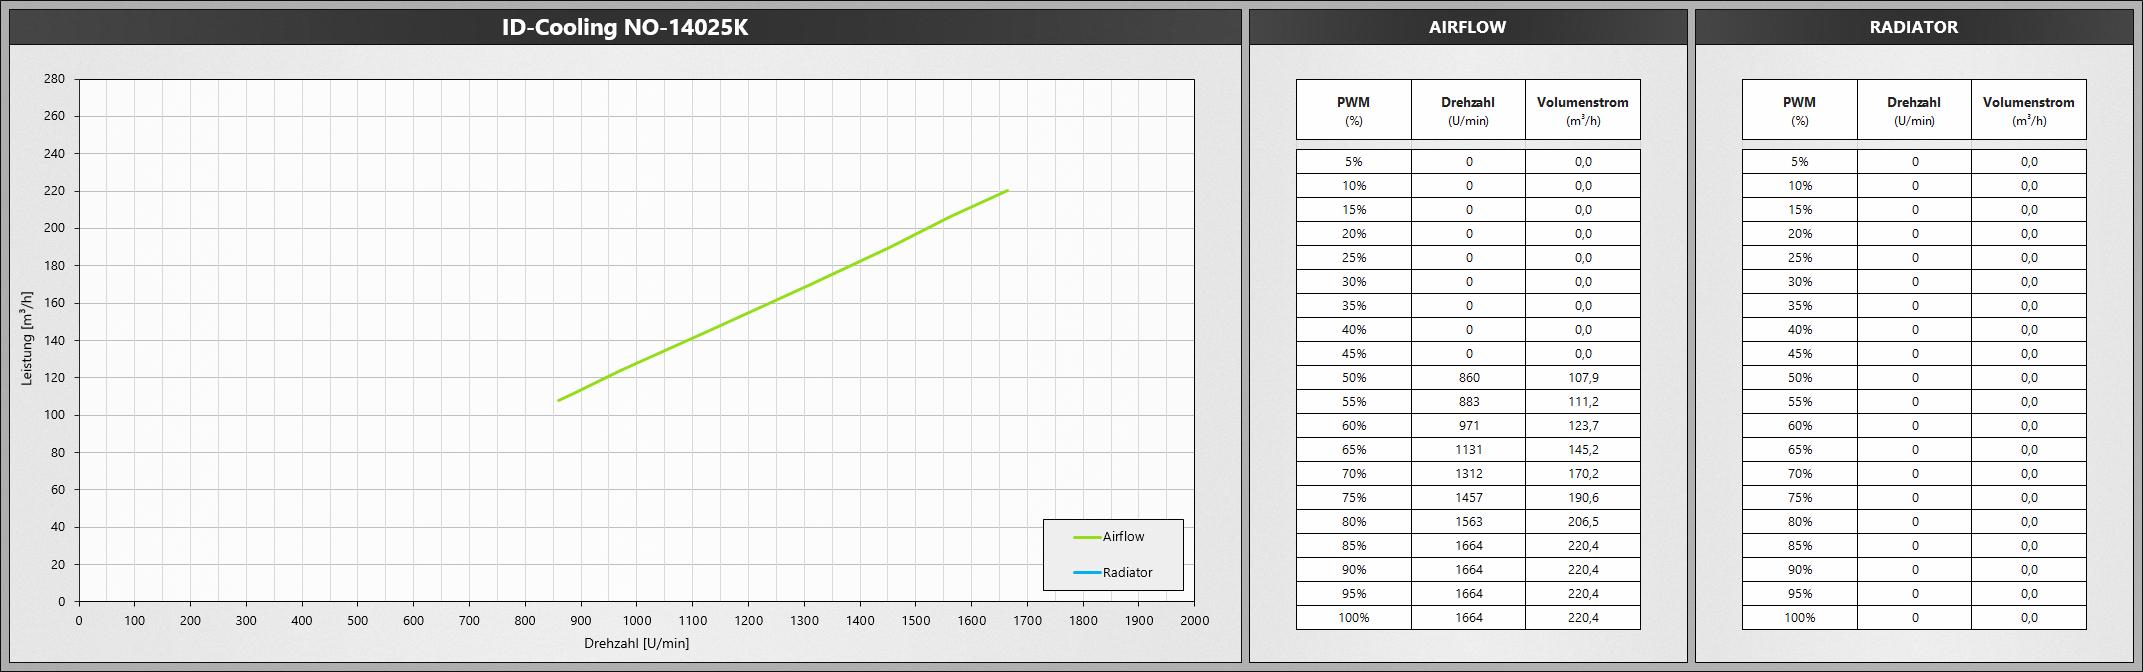 Klicken Sie auf die Grafik für eine größere Ansicht  Name:IDCooling14025K.png Hits:652 Größe:463,8 KB ID:1074764